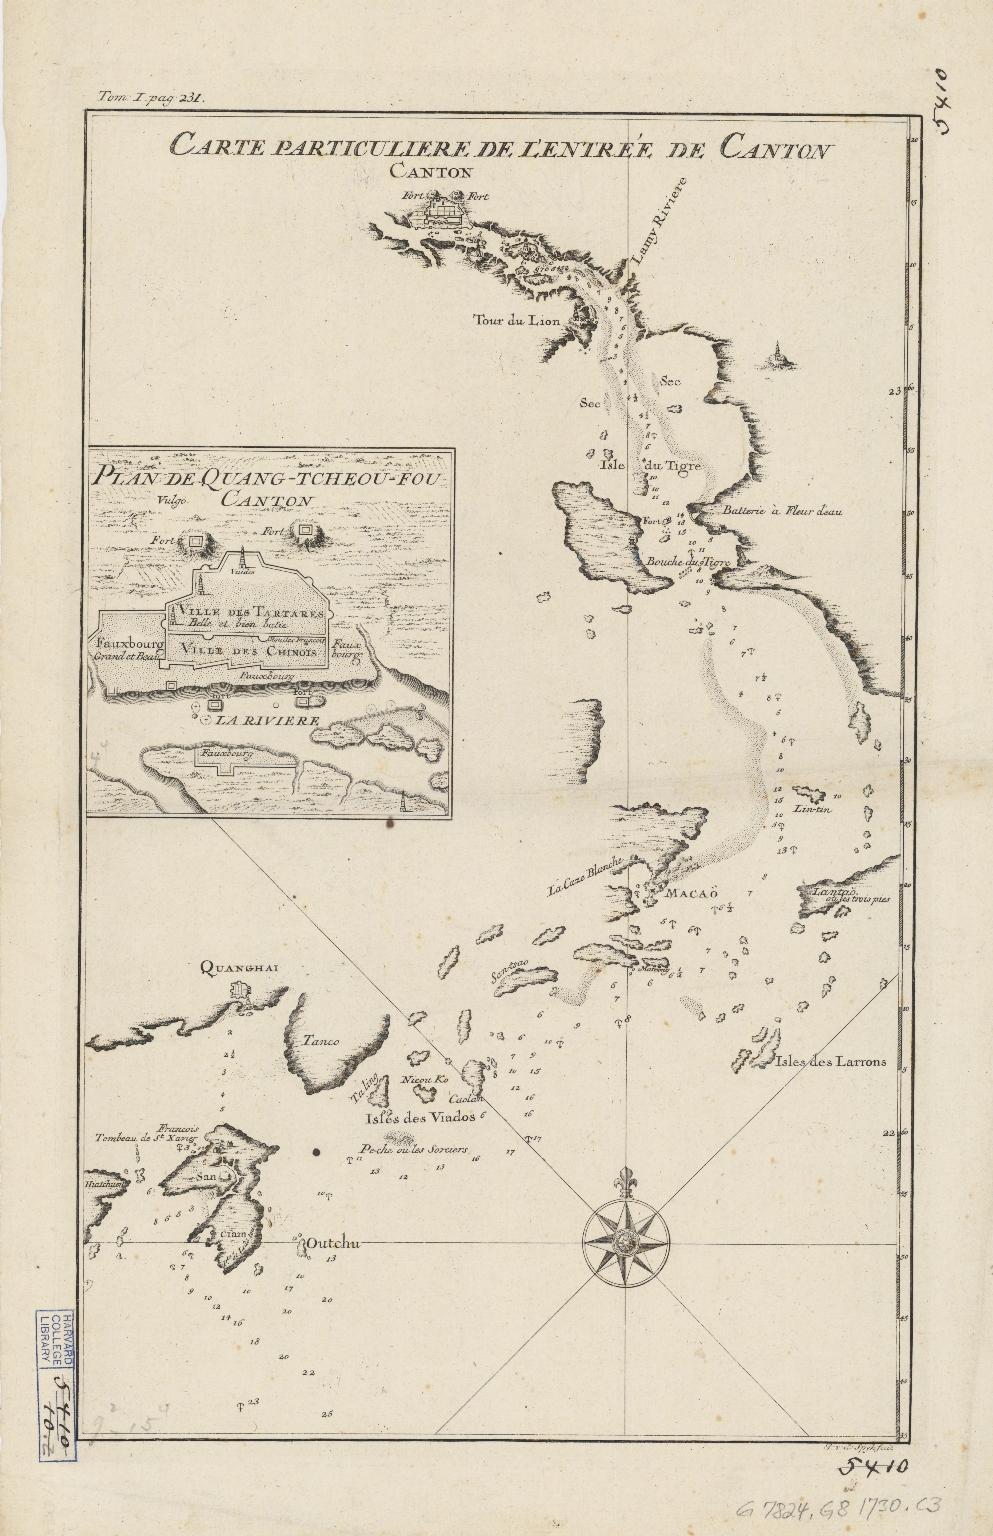 Carte particulière de l'entrée de Canton